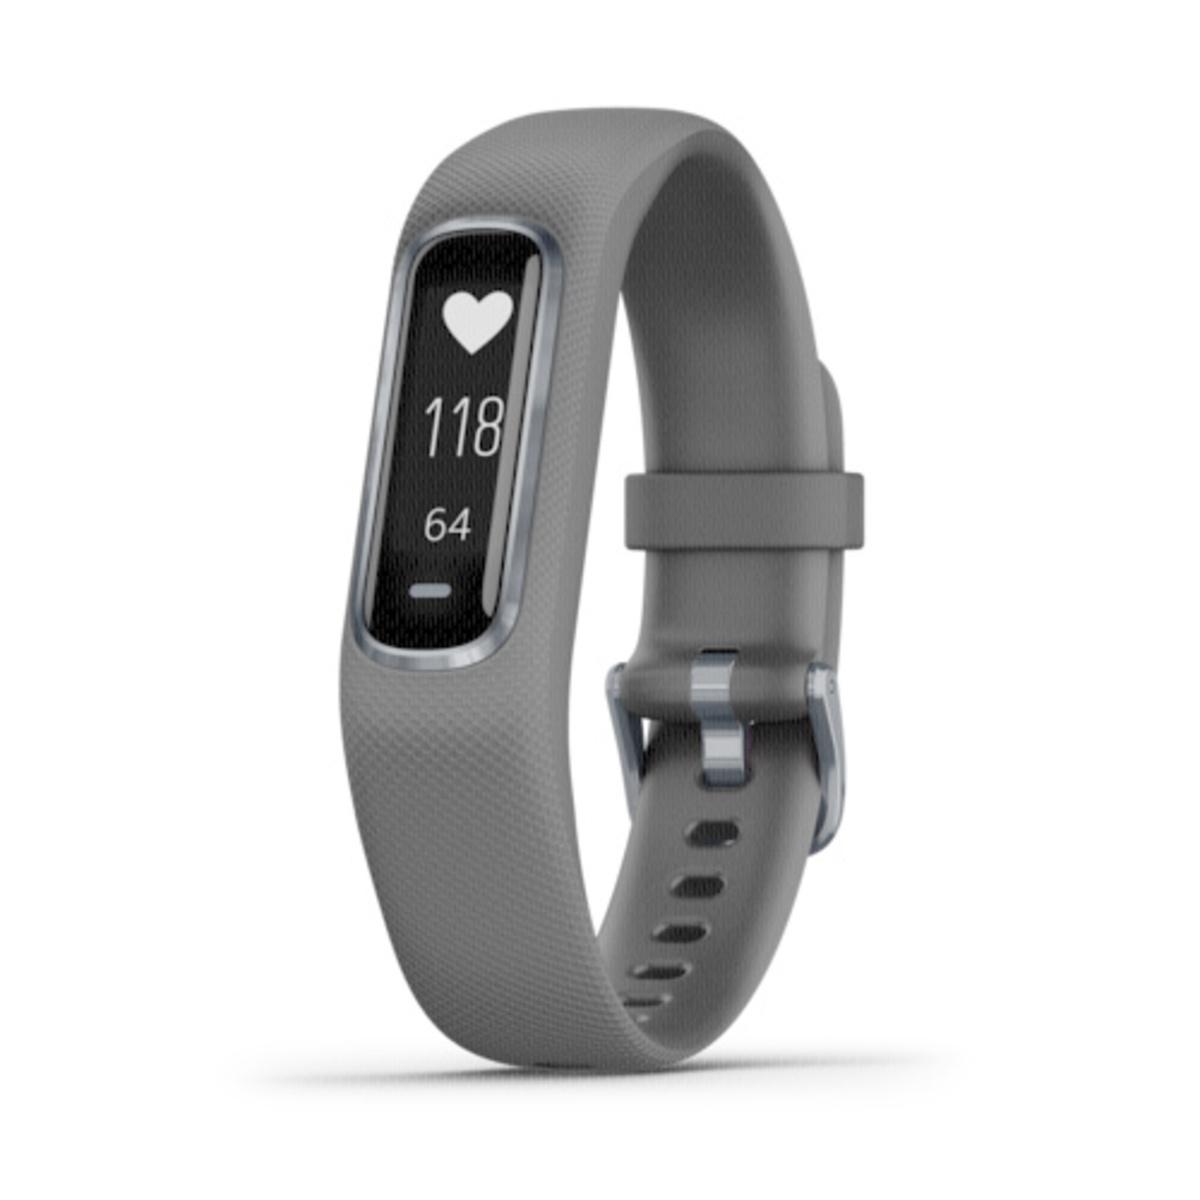 Bild 1 von Garmin Fitness Tracker Vivosmart 4 schwarz - Größe S/M wasserdicht Bluetooth ANT